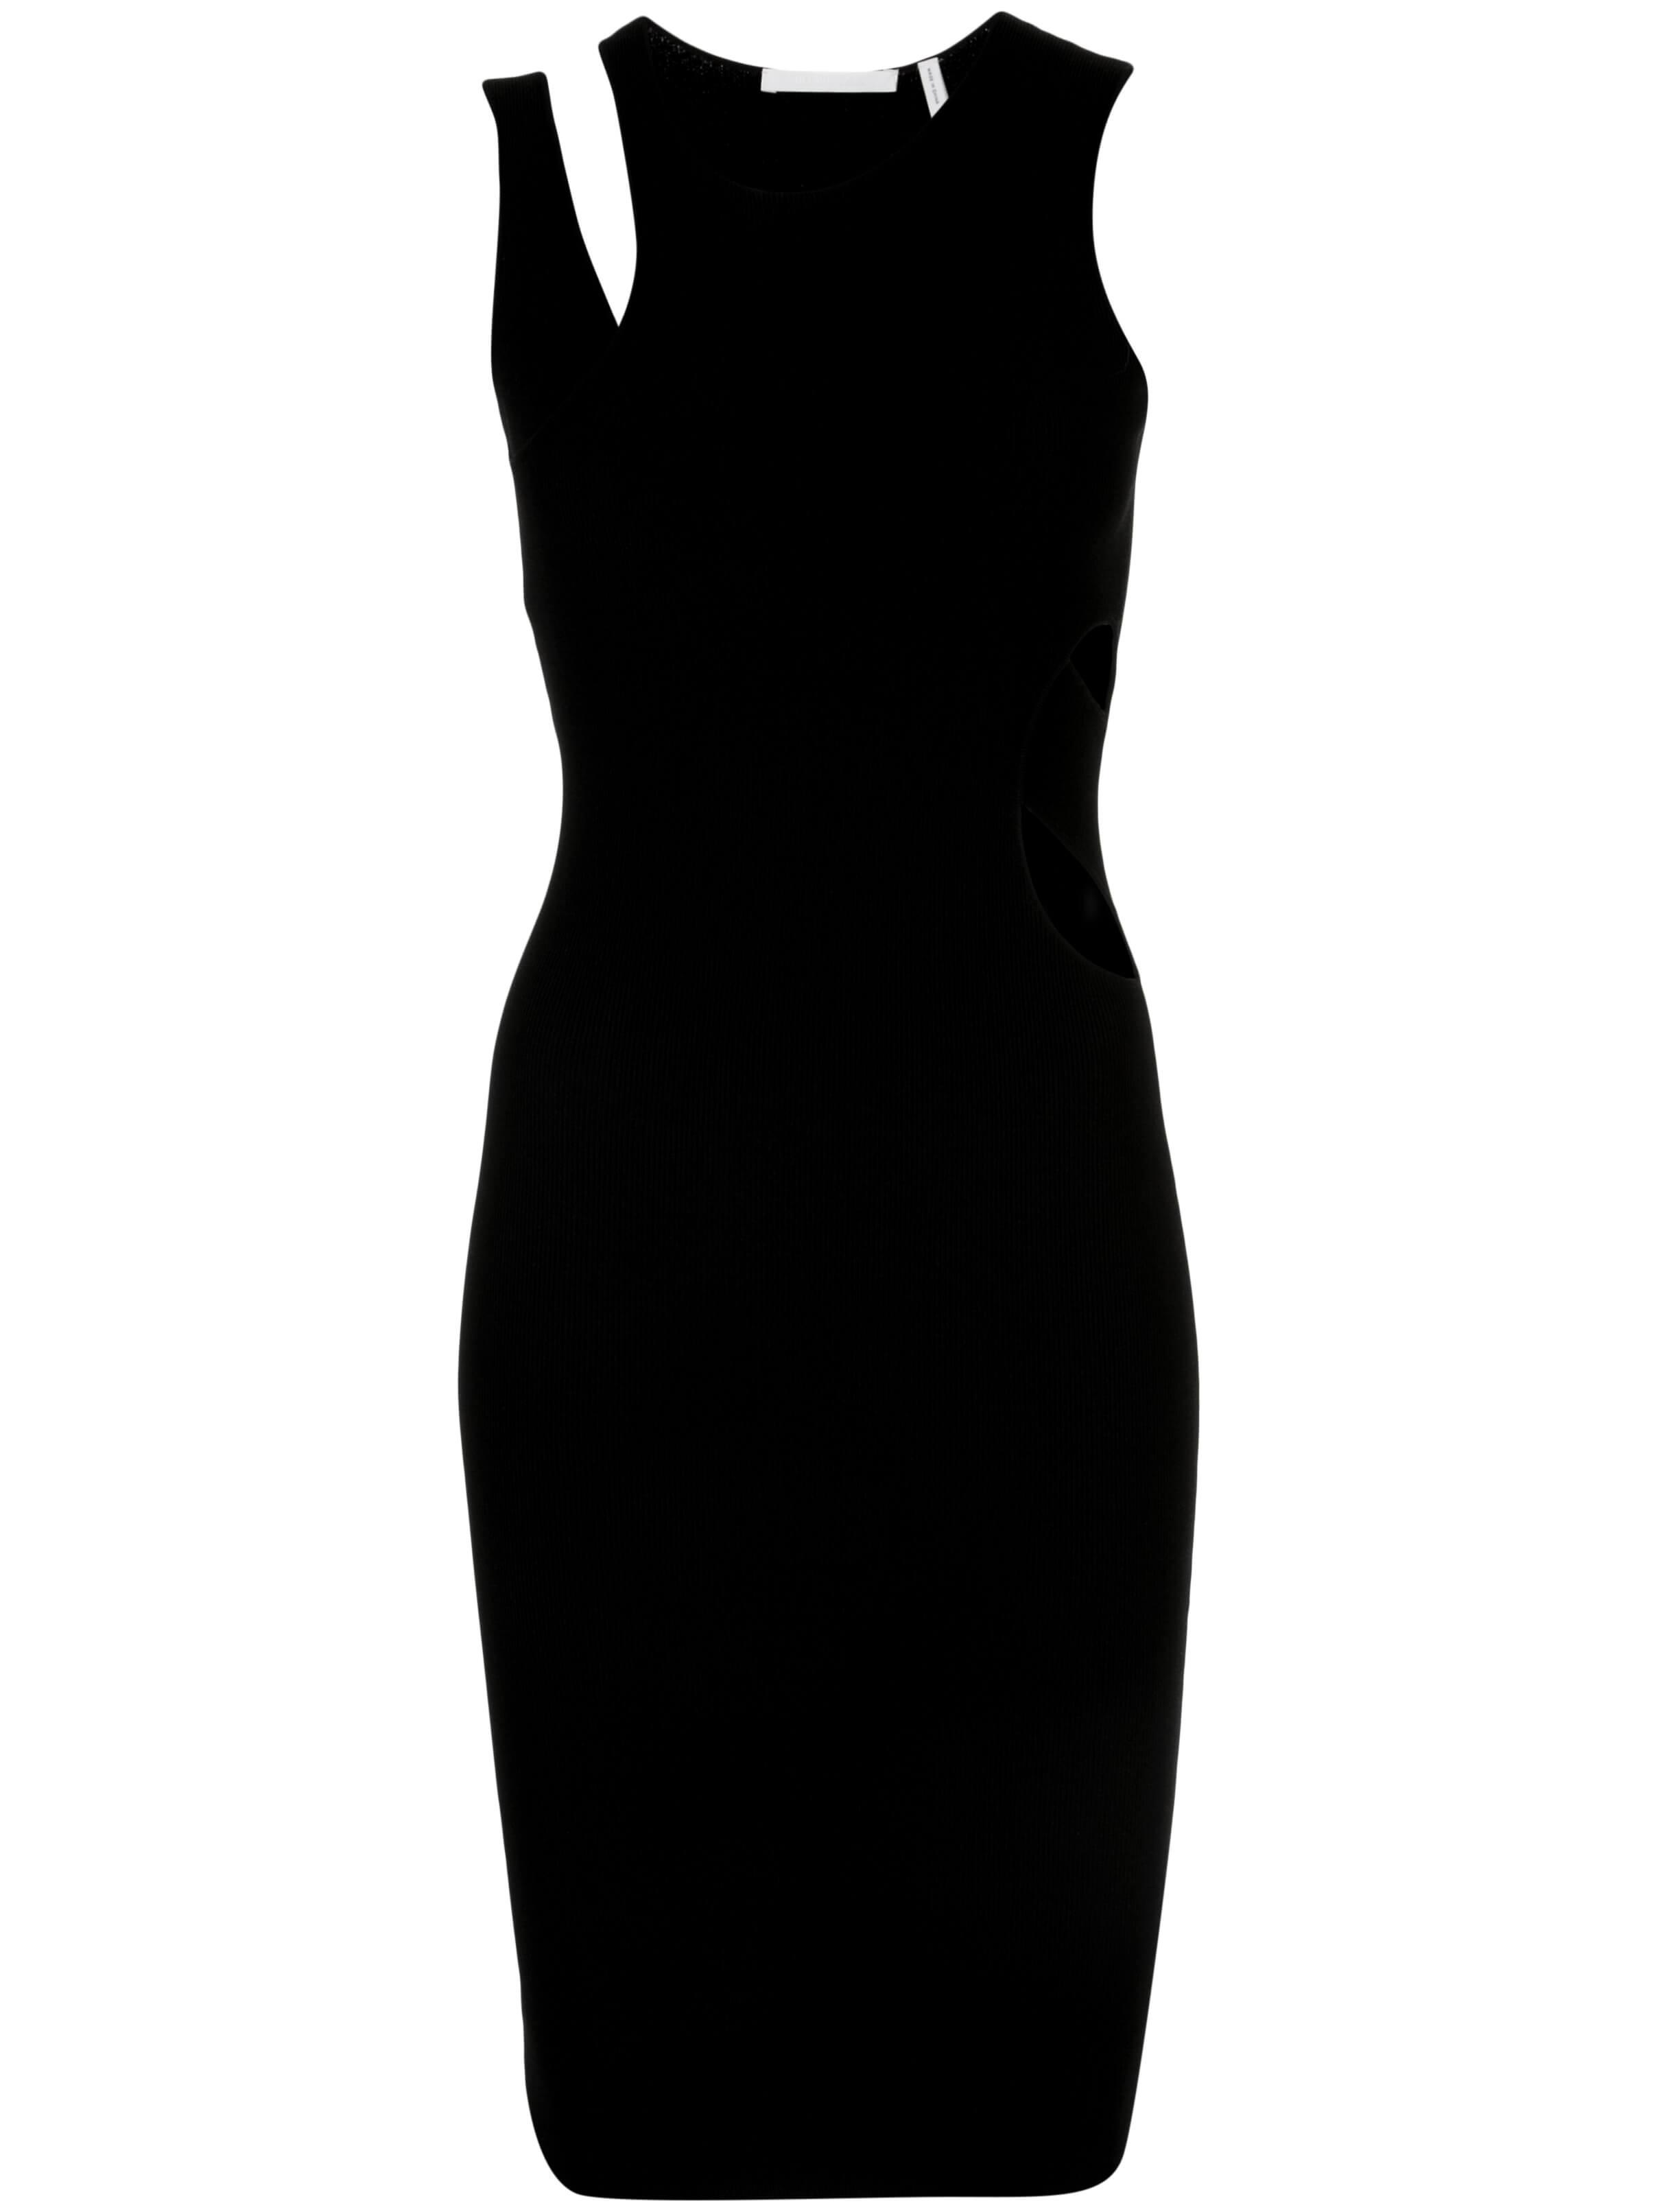 Layered Slash Tank Dress Item # K01HW709